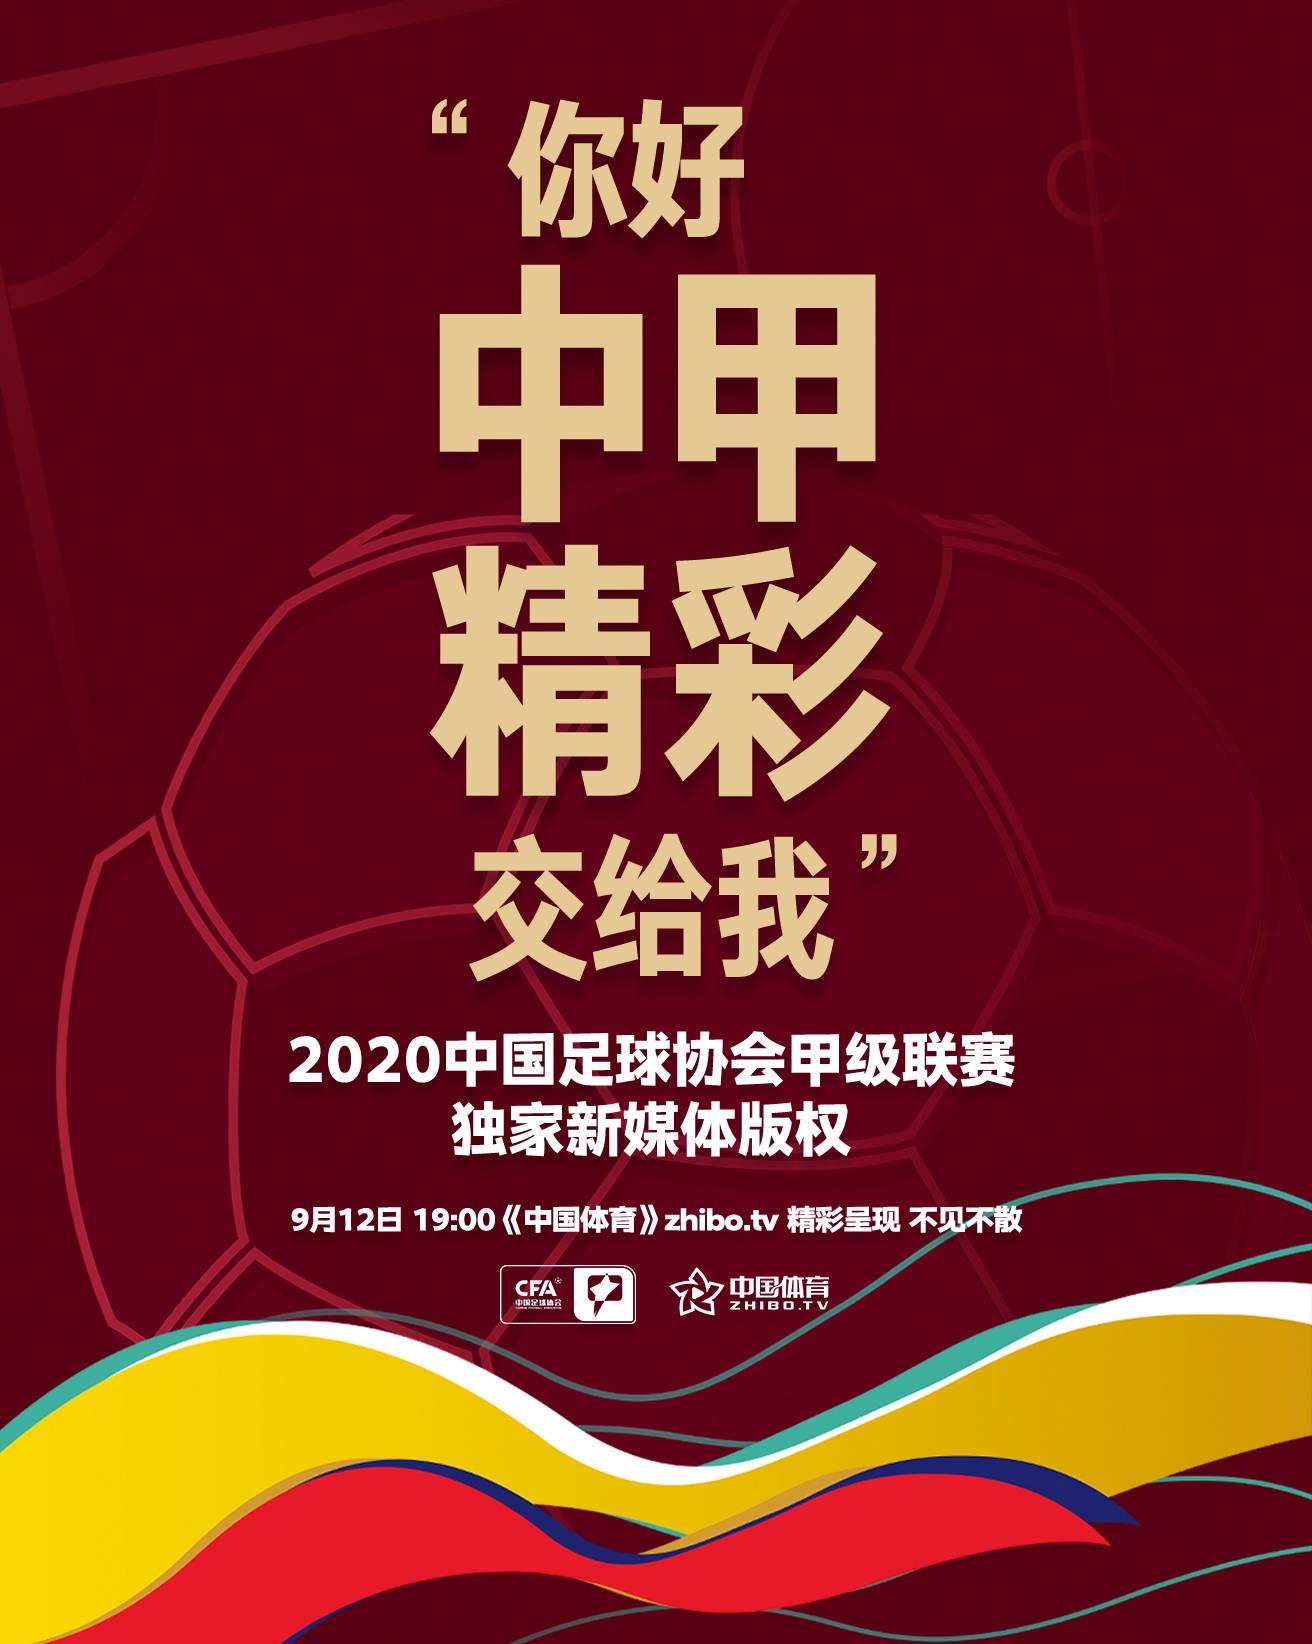 中国甲级联赛本周开赛!但是那个把马云